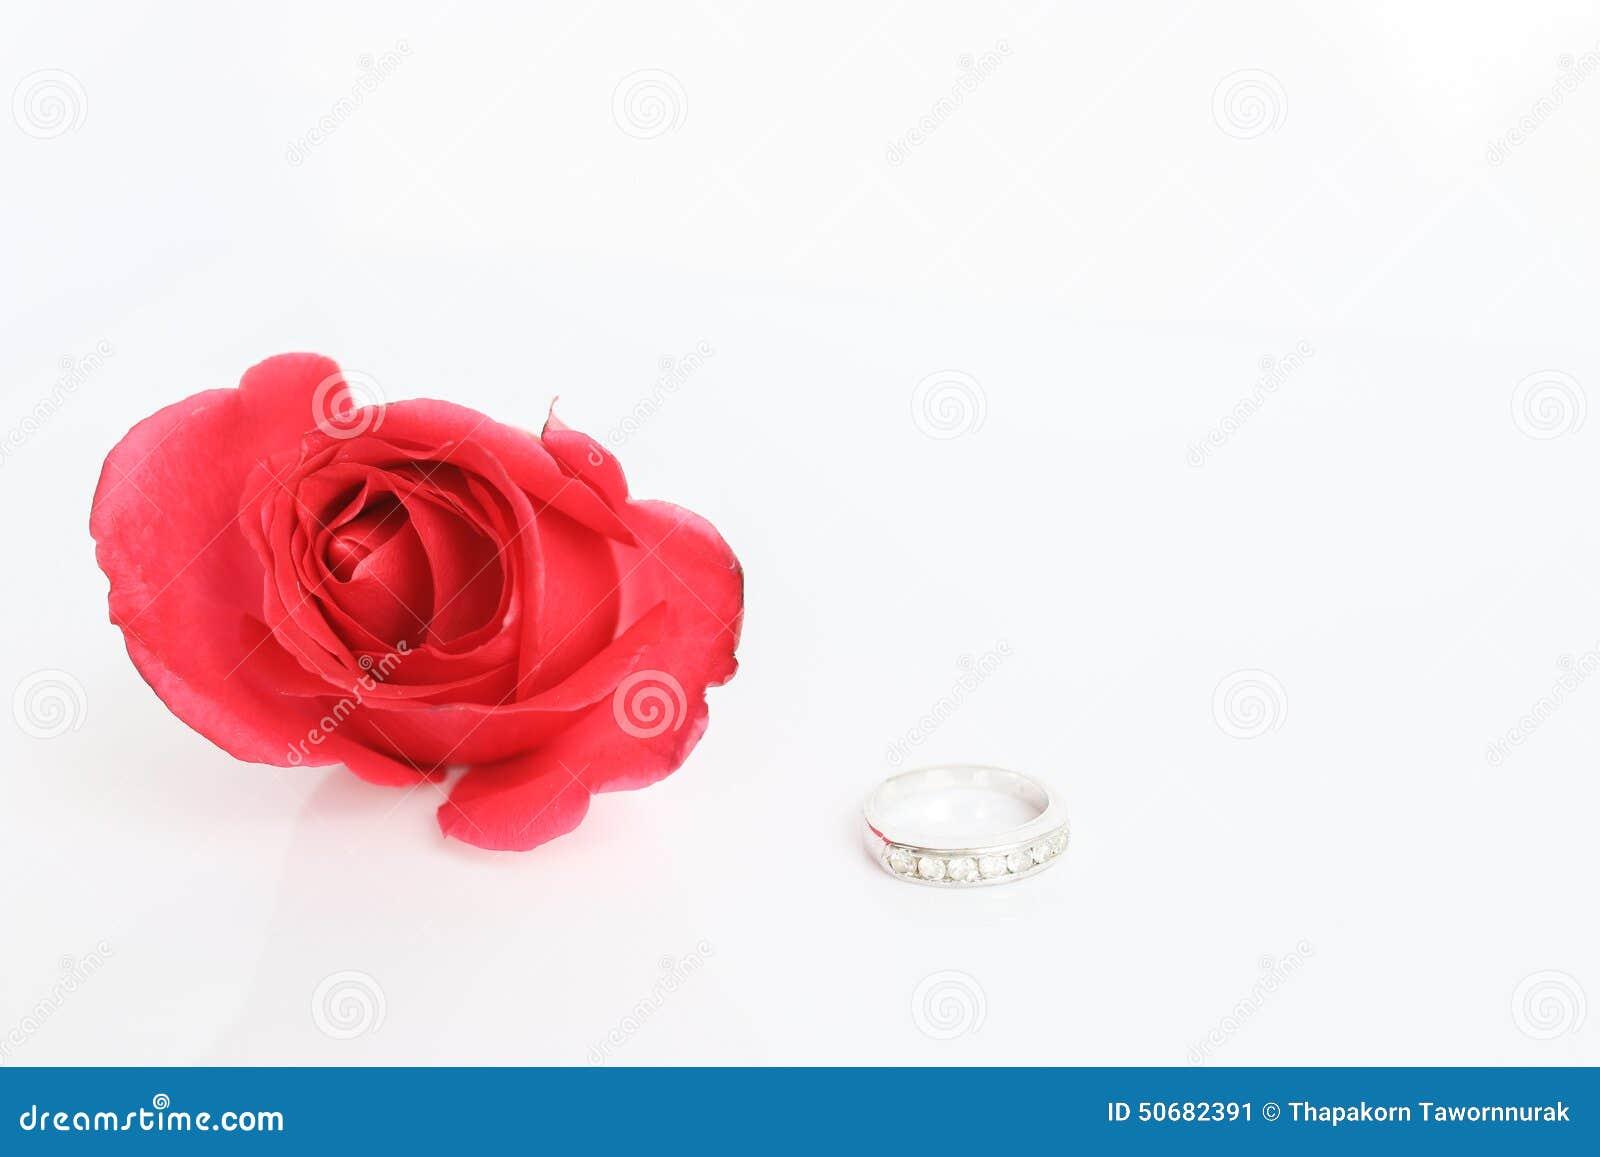 Download 与圆环的红色玫瑰在白色背景 库存图片. 图片 包括有 查出, 本质, 特写镜头, 珠宝, 婚姻, 统一性 - 50682391